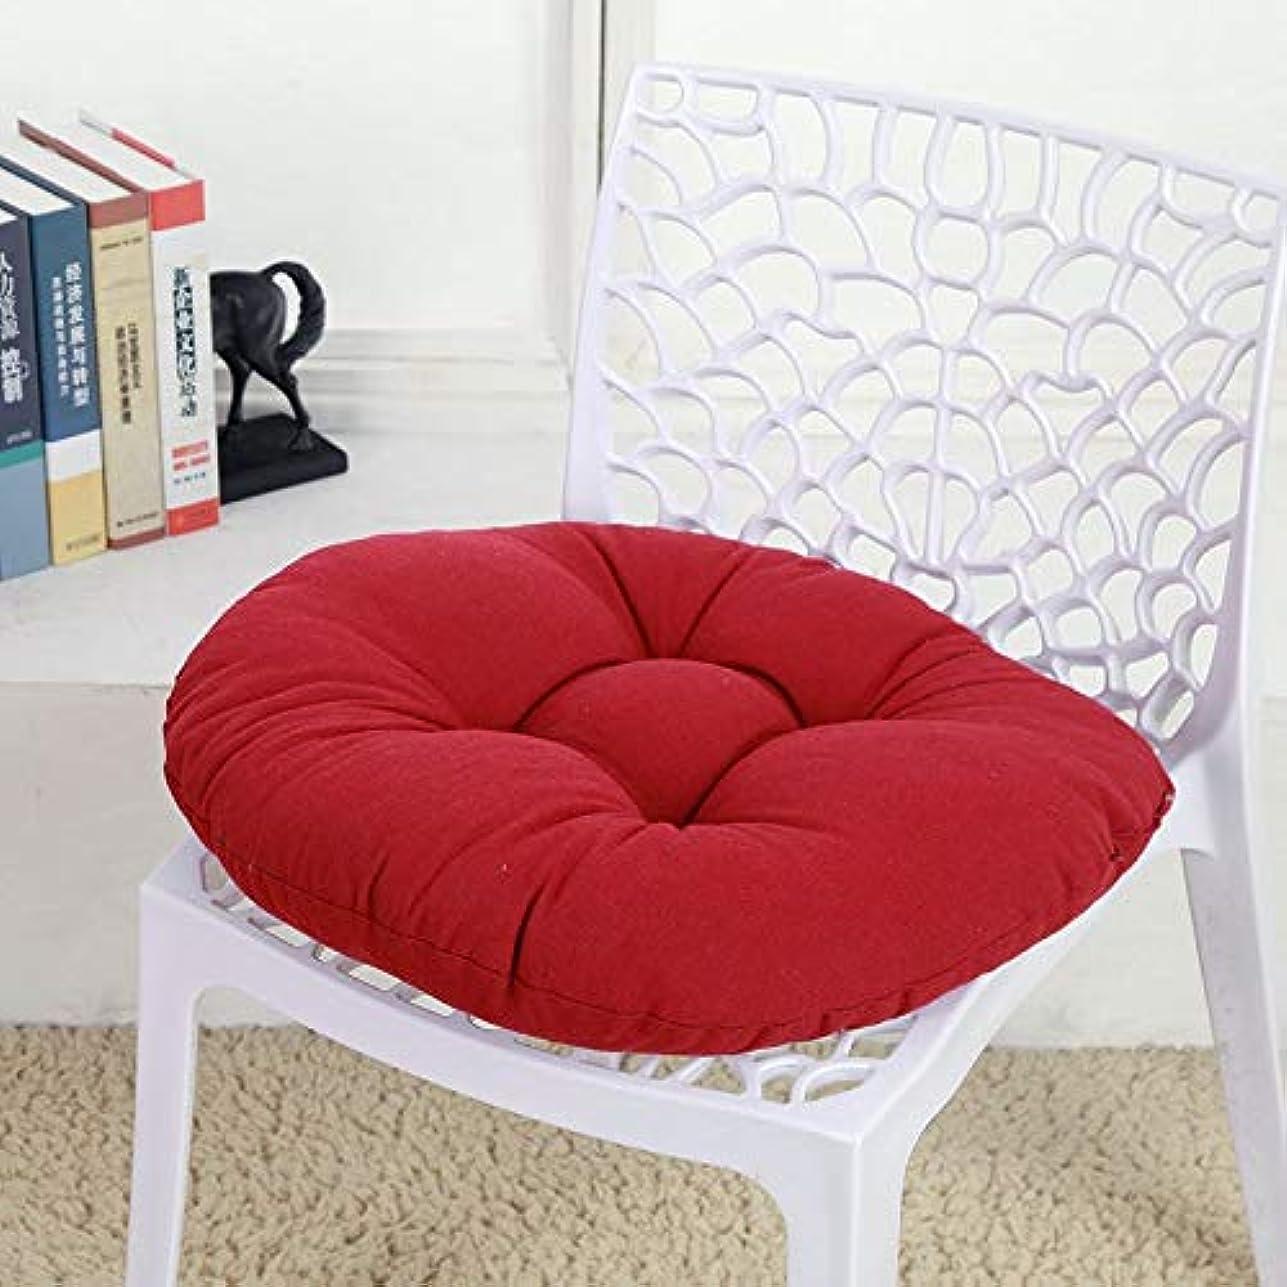 洗う征服する発生するSMART キャンディカラーのクッションラウンドシートクッション波ウィンドウシートクッションクッション家の装飾パッドラウンド枕シート枕椅子座る枕 クッション 椅子